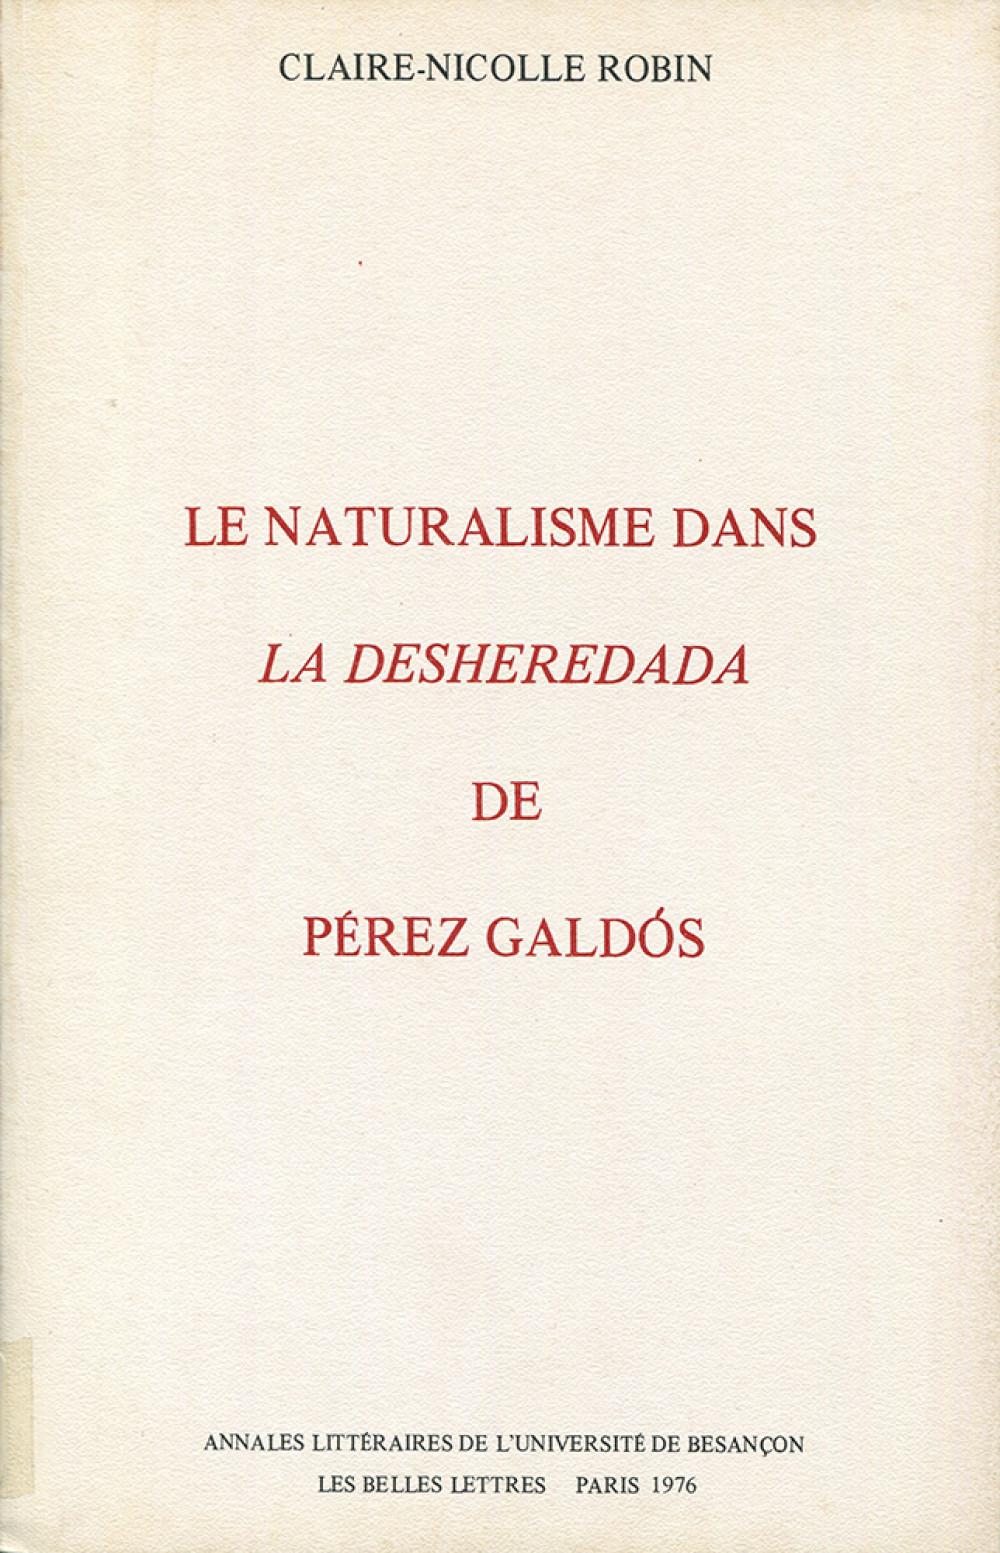 Le naturalisme dans la <i>Desheredada</i> de Perez Galdoz